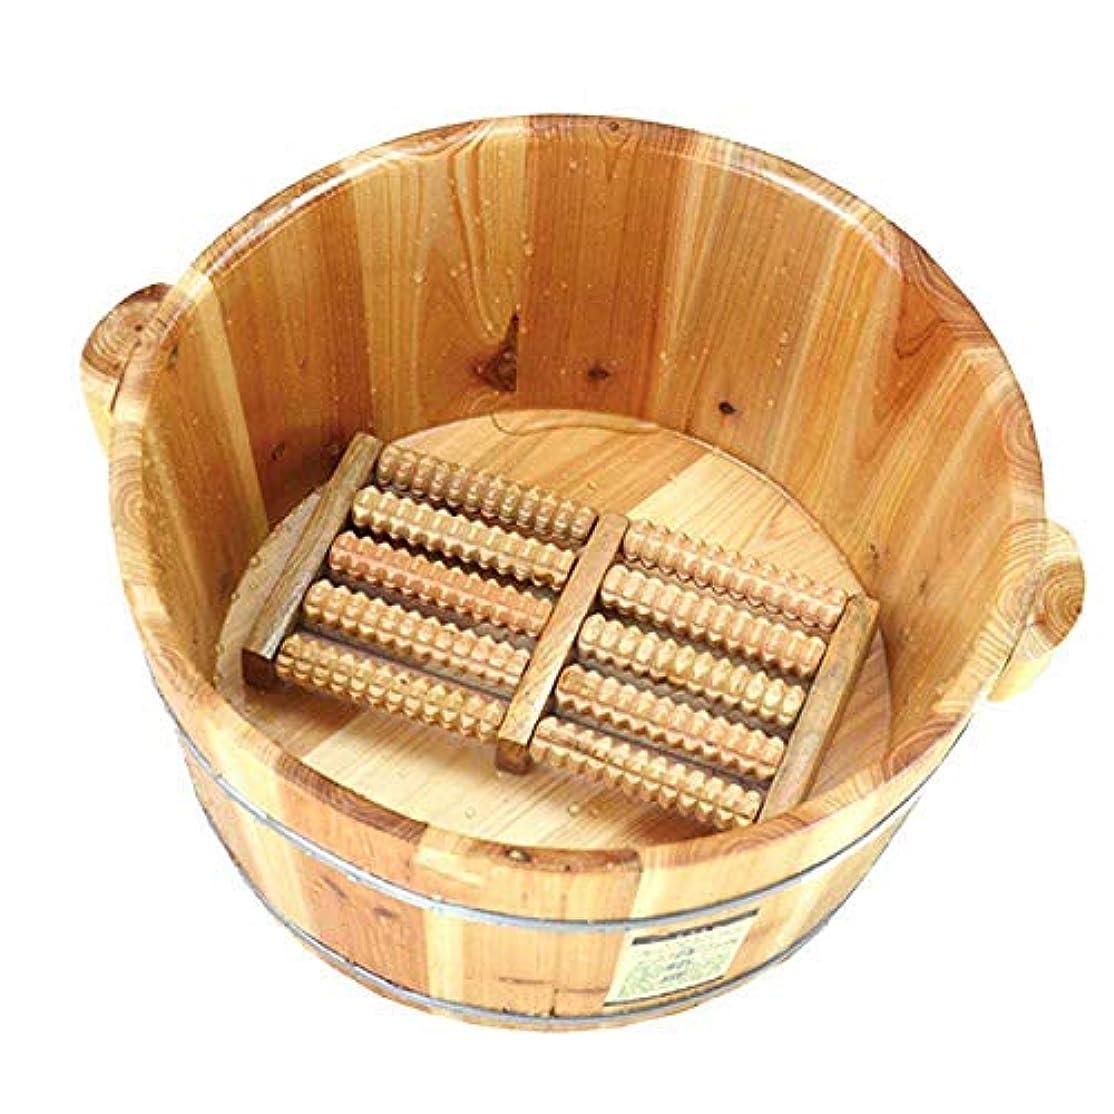 条約ギャング電話ふたおよびマッサージャーの冬の軽量のタケ管の暖房水妊娠中の女性が付いているフィートの浴槽のバレルペディキュアバレルの足湯